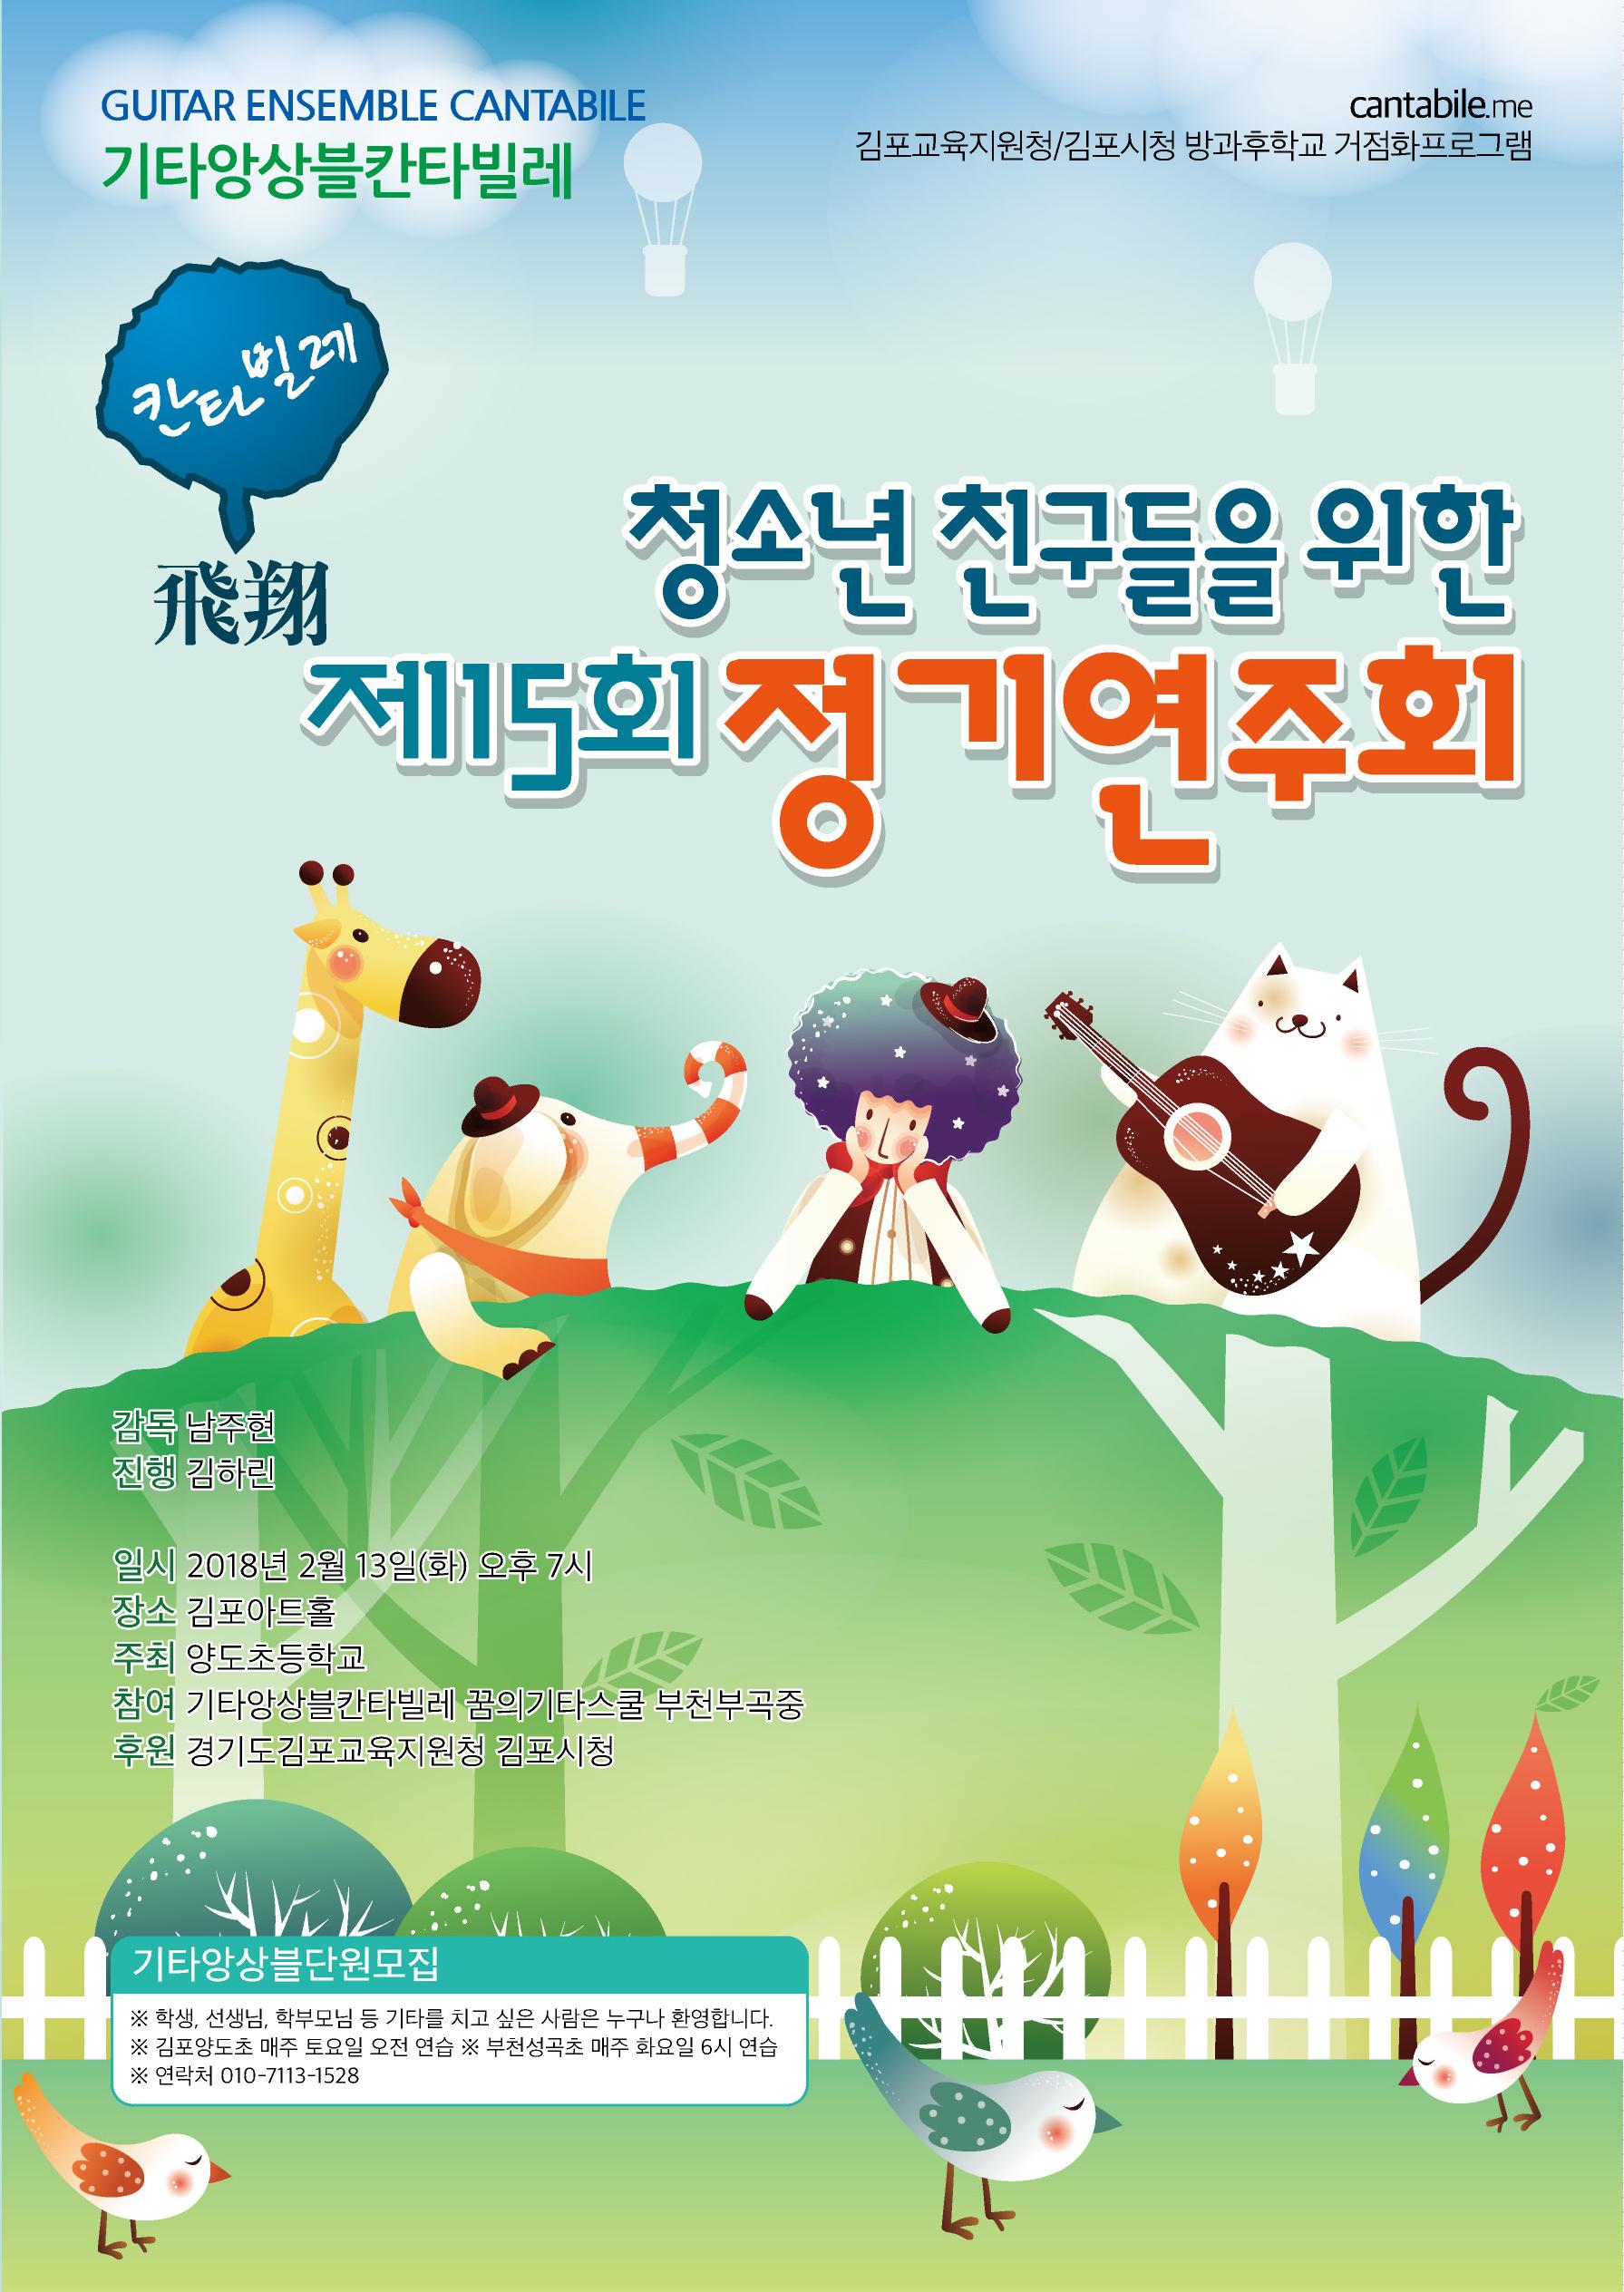 15회-칸타빌레-정기연주회1.png